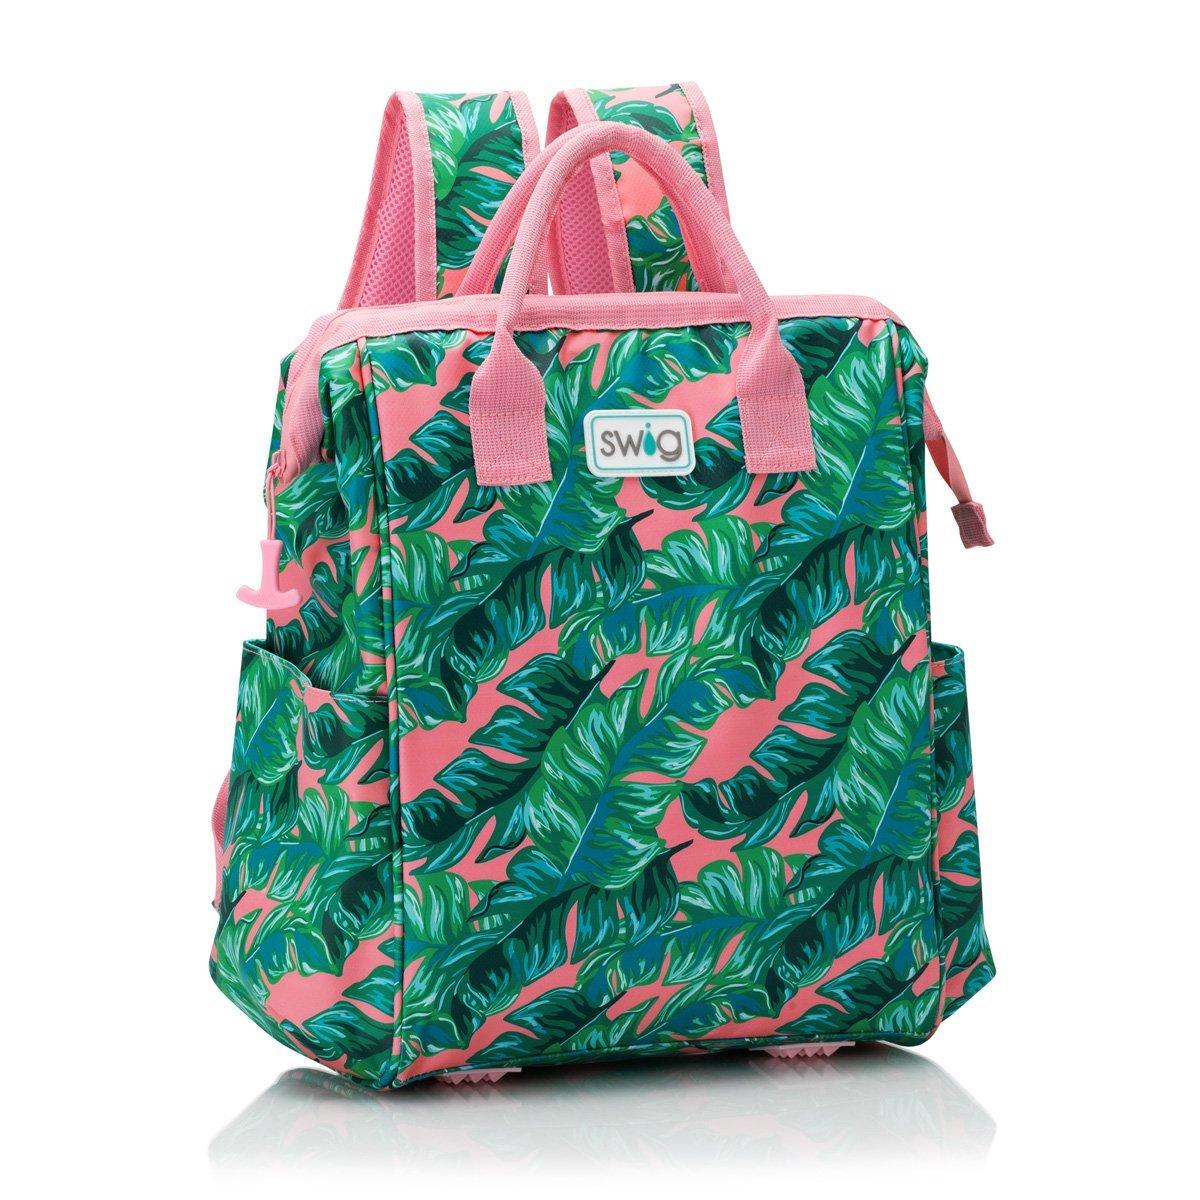 Palm Swig Backpack Cooler